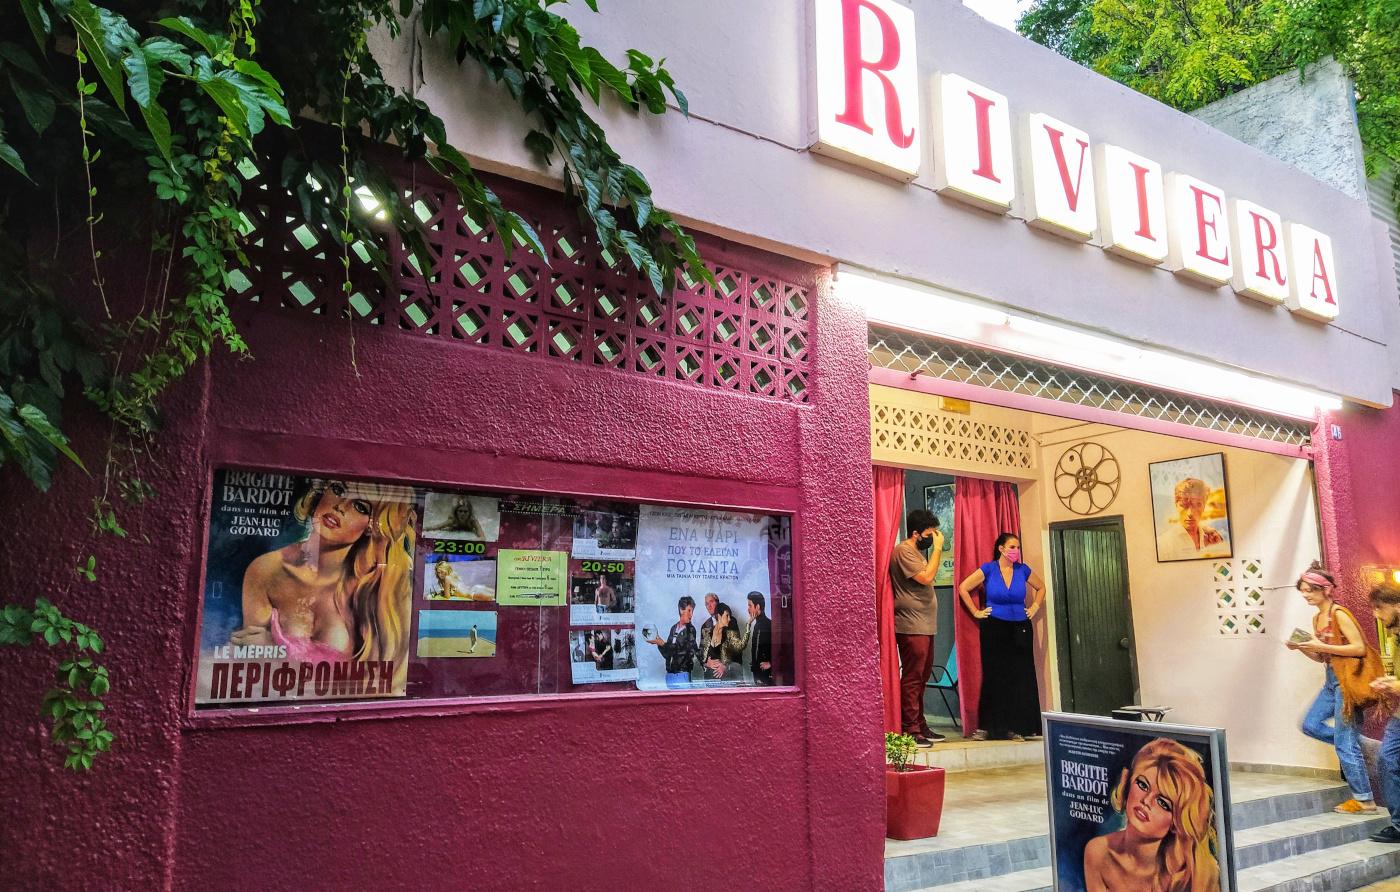 Καλοκαίρι στην Αθήνα με τις πιο εμβληματικές ταινίες του παγκόσμιου κινηματογράφου στο σινέ Ριβιέρα